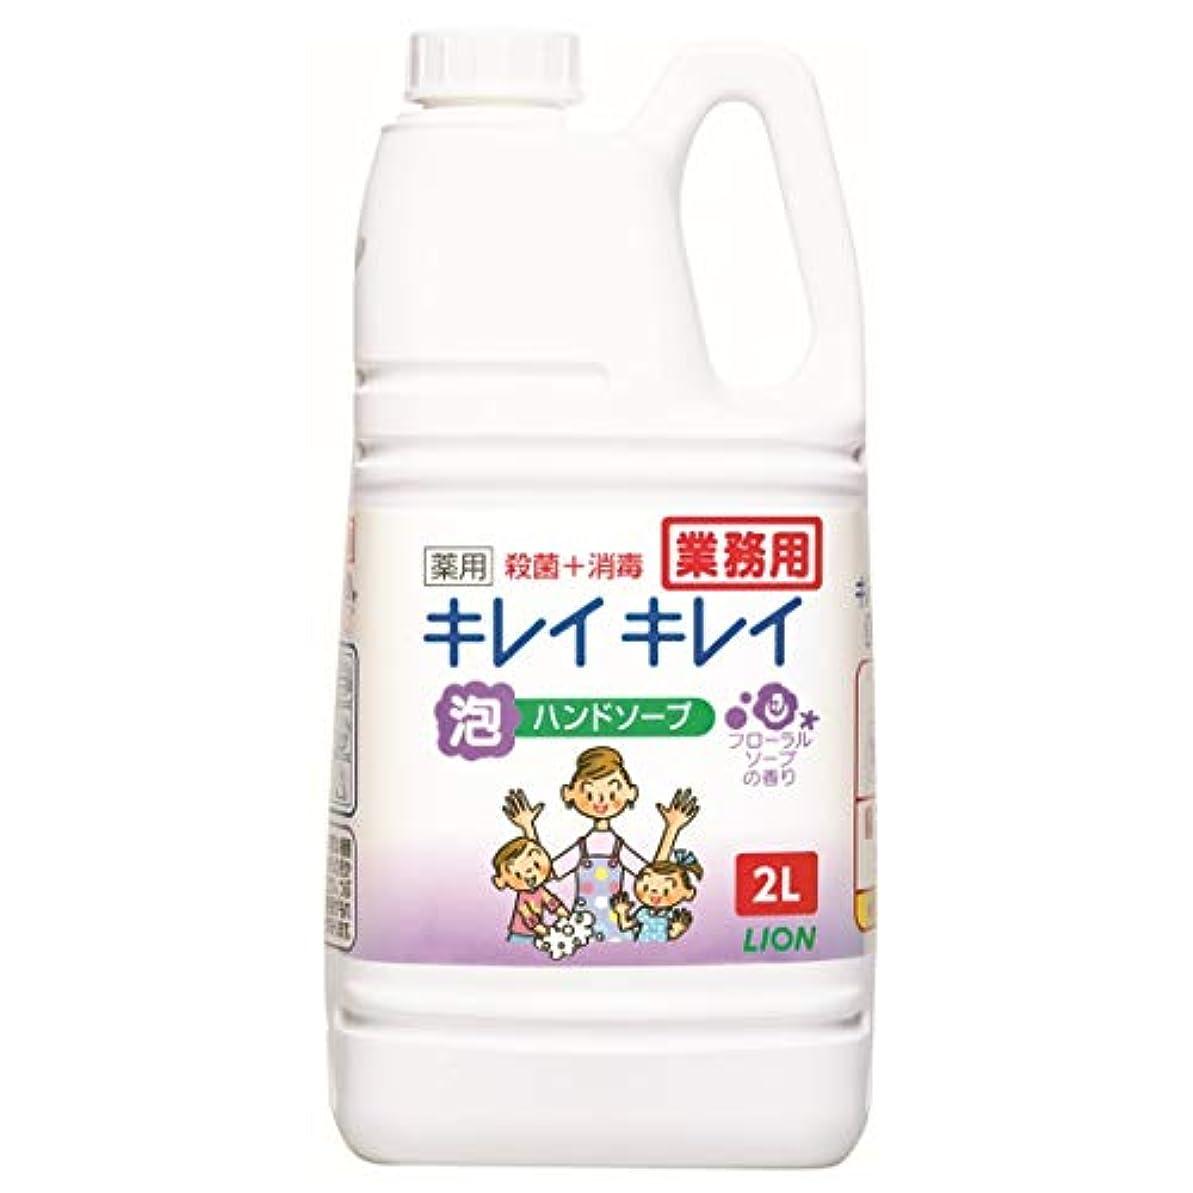 チャート予定忠誠【大容量】キレイキレイ 薬用泡ハンドソープ フローラルソープの香り 2L